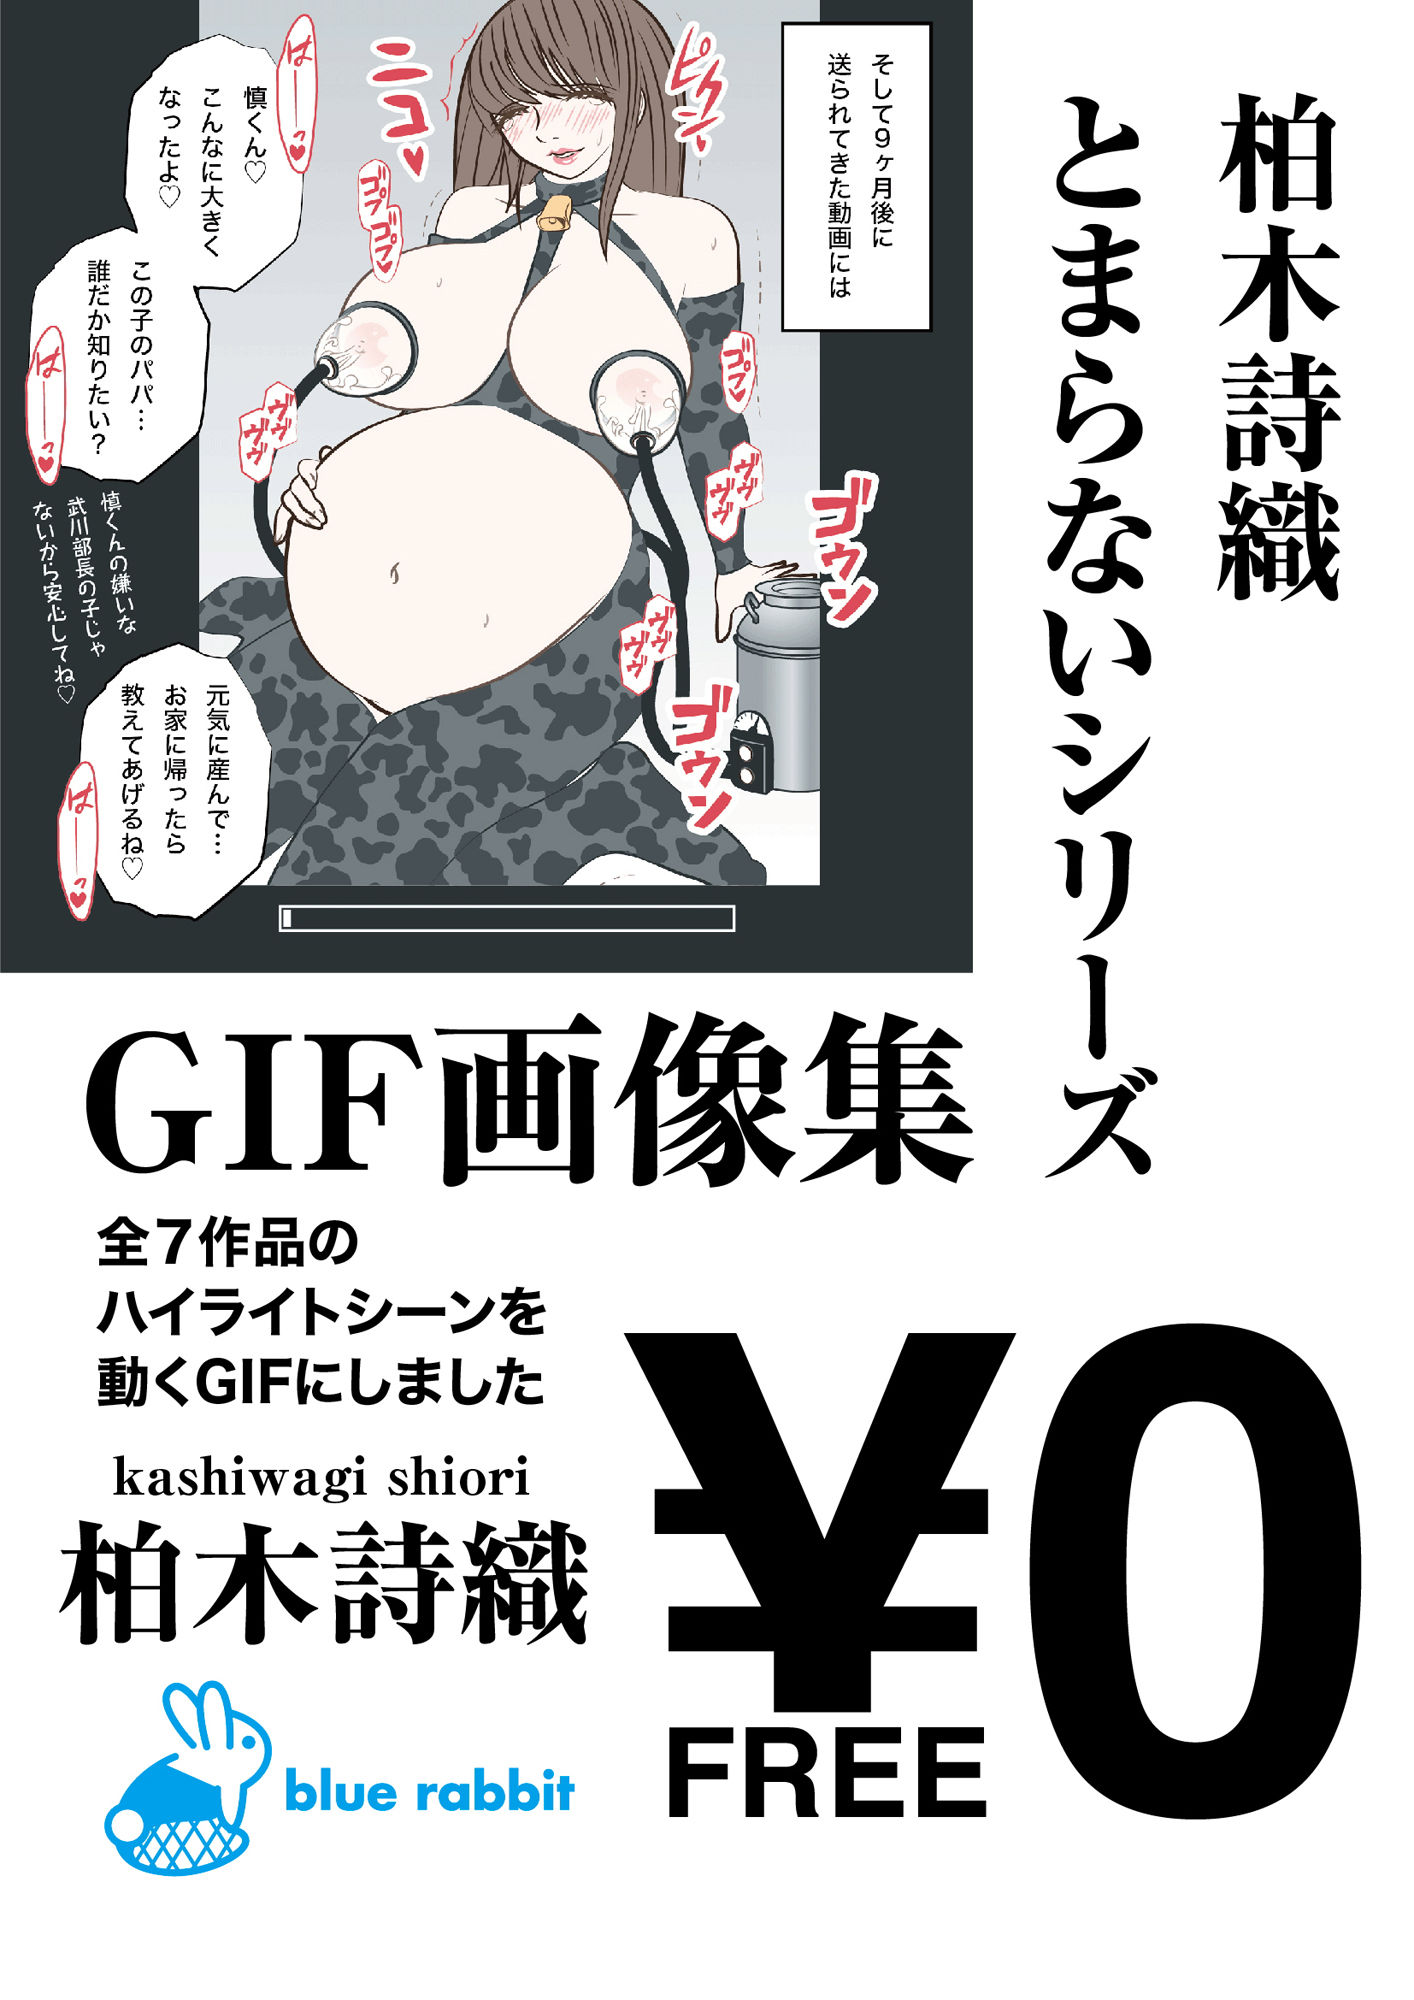 【無料】柏木詩織|とまらないシリーズ|GIF画集